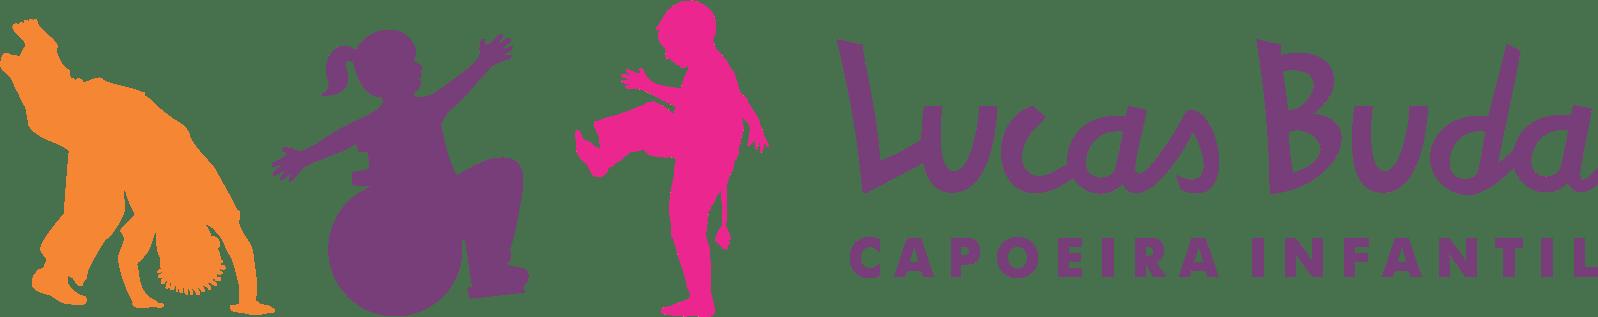 Capoeira Infaltil